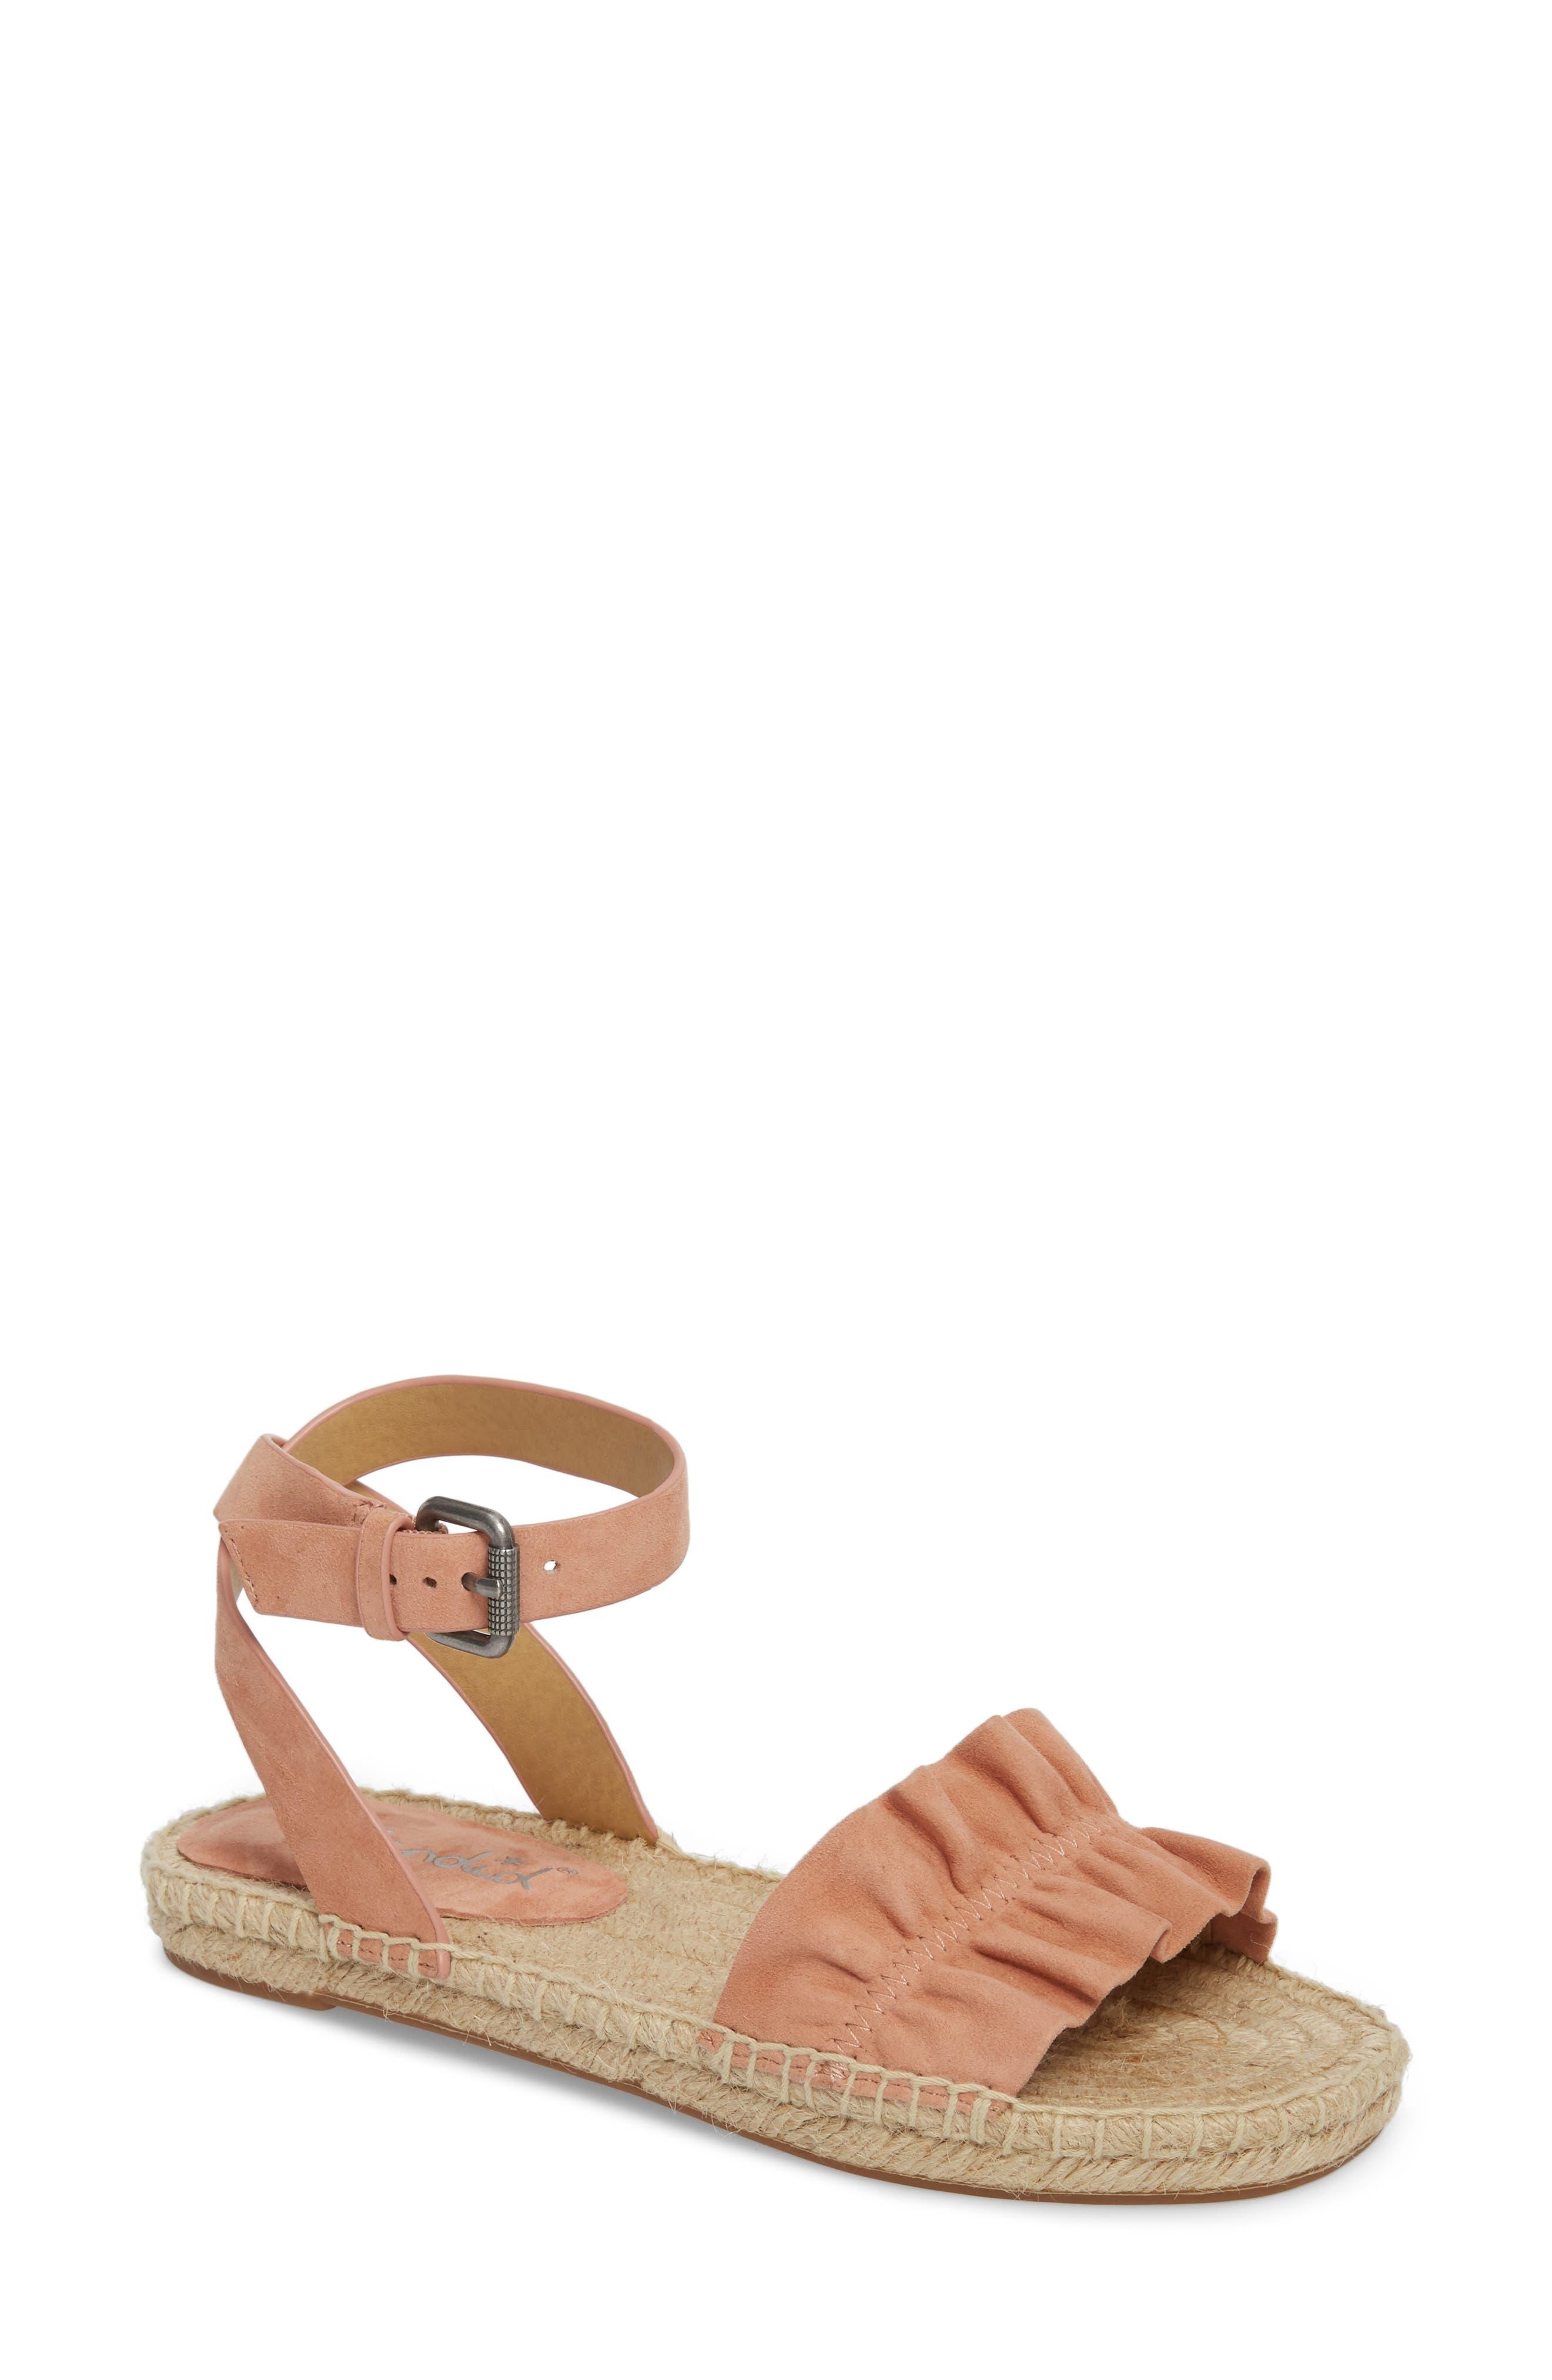 Alternate Image 1 Selected - Splendid Becca Ruffled Espadrille Sandal (Women)